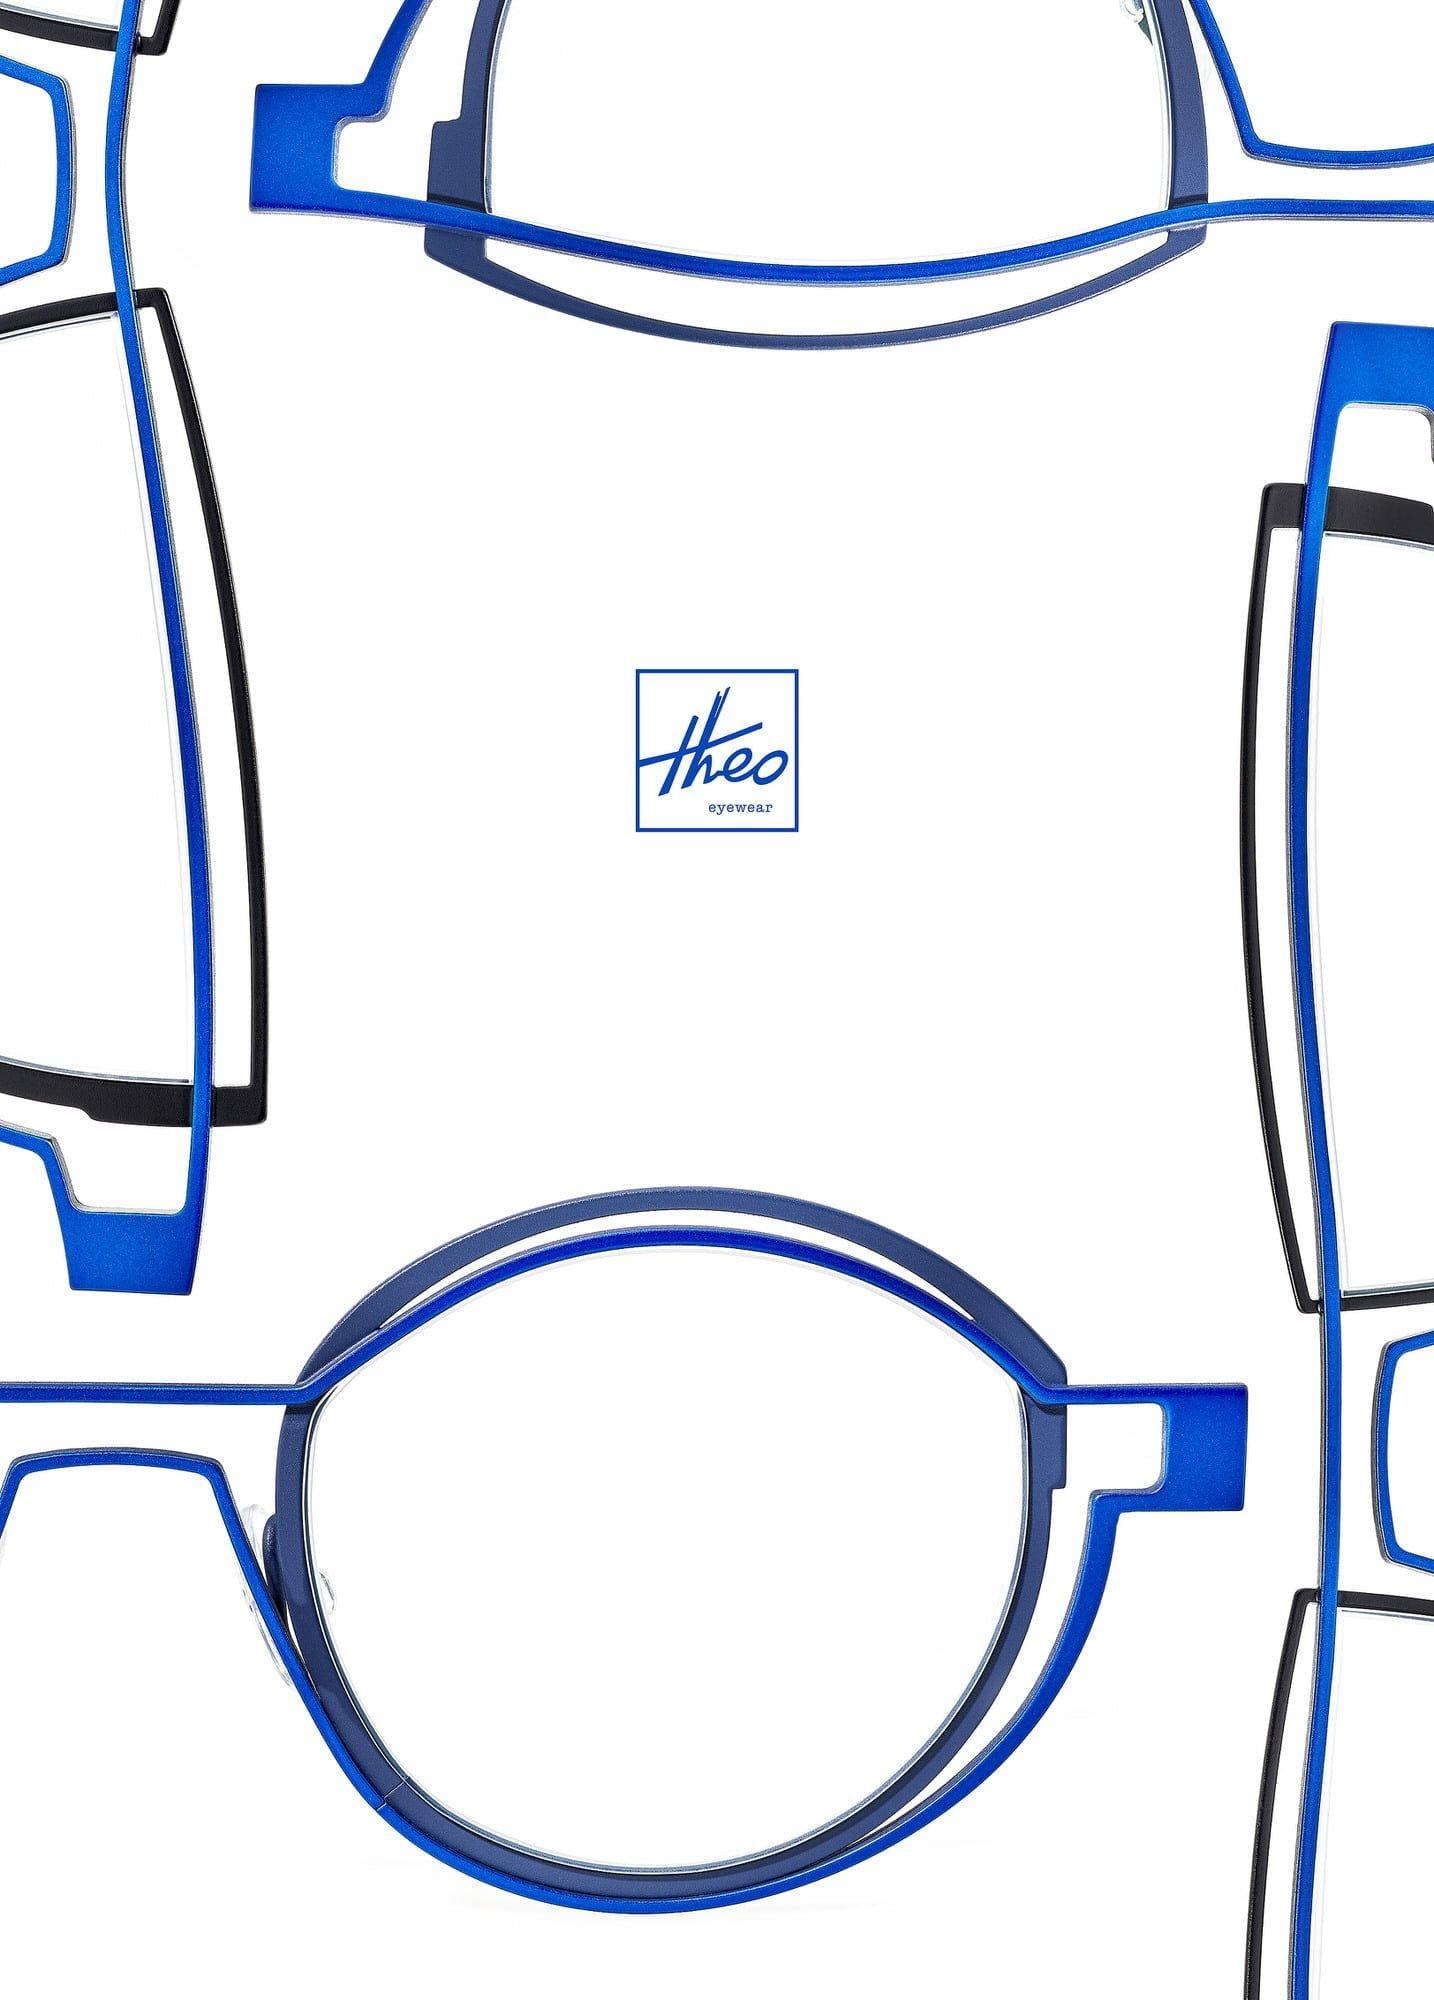 Unieke brillen en monturen van Theo